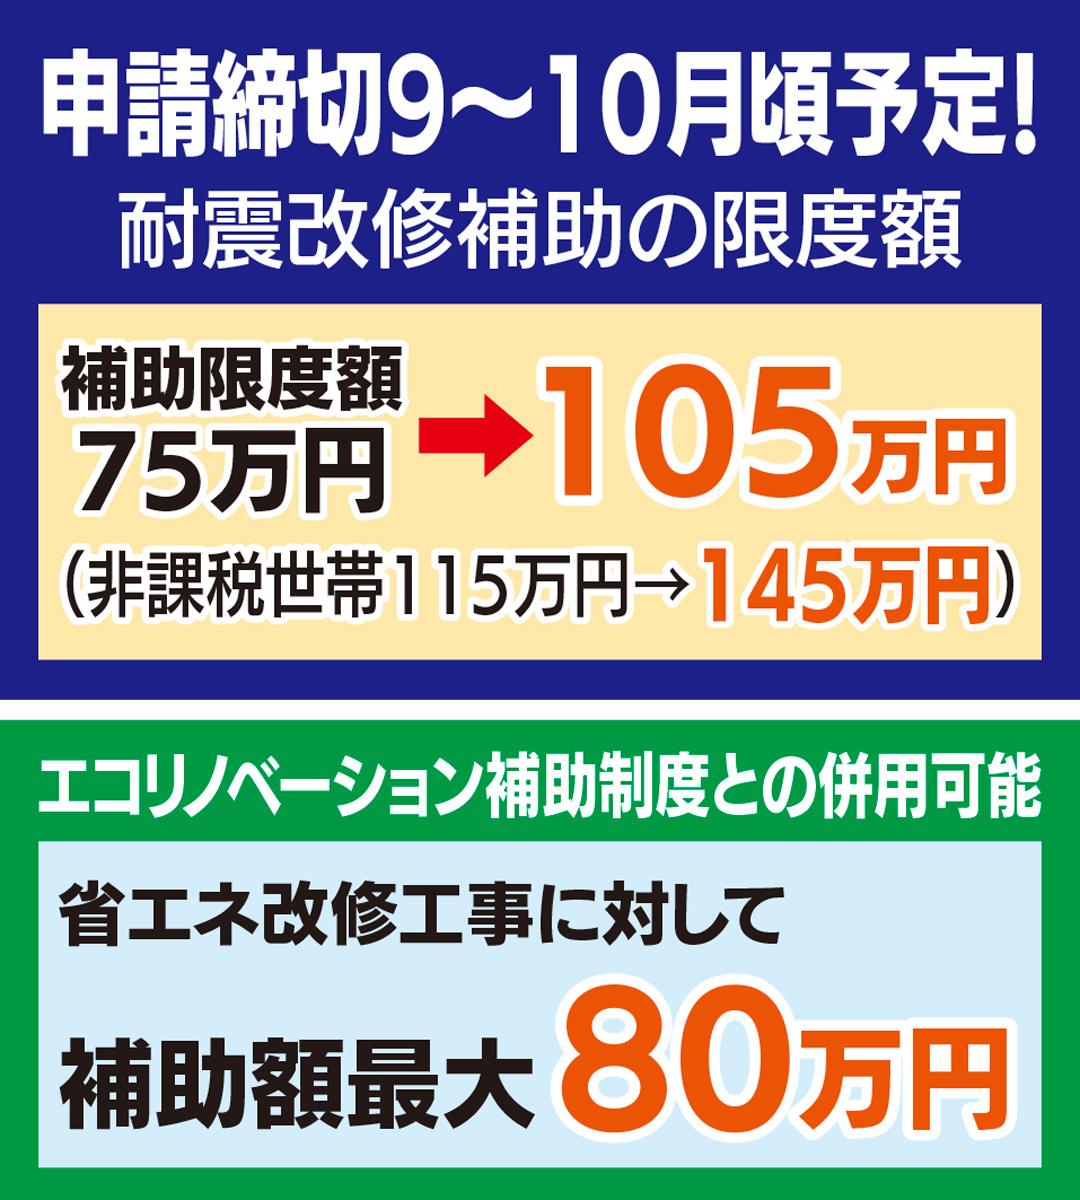 補助金30万円増額中